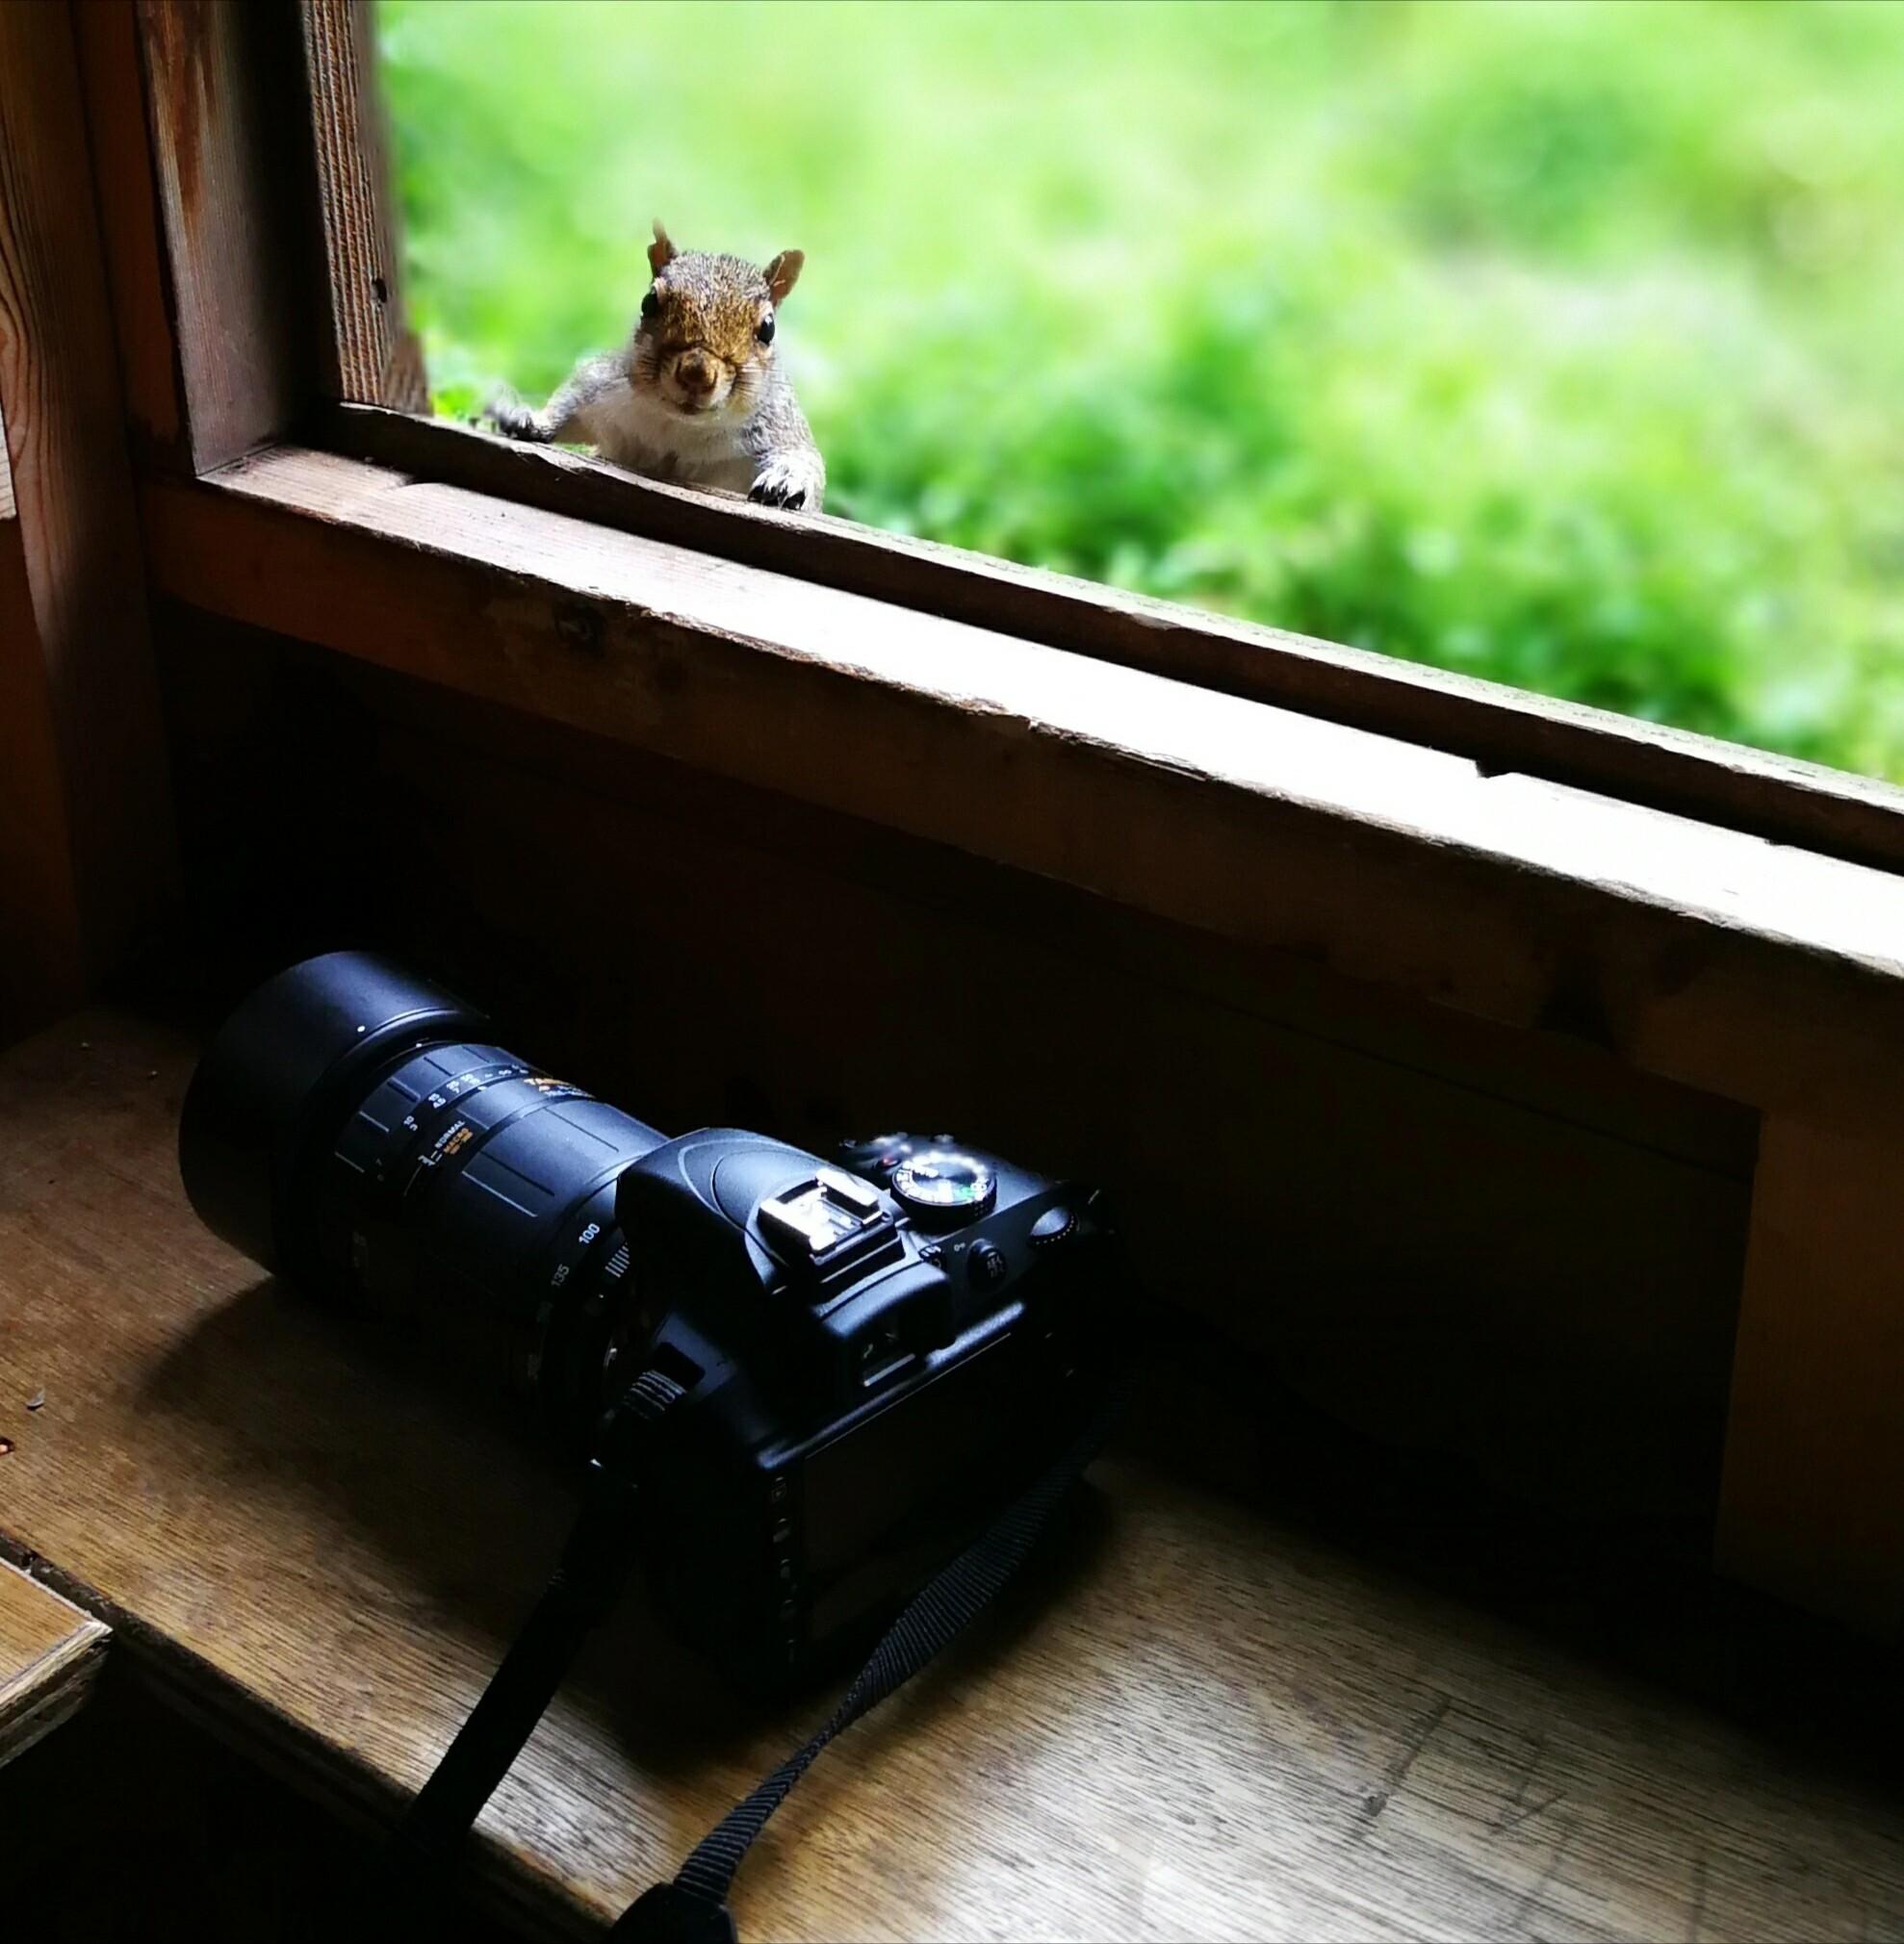 for amateur Amateur camera photographers clubs